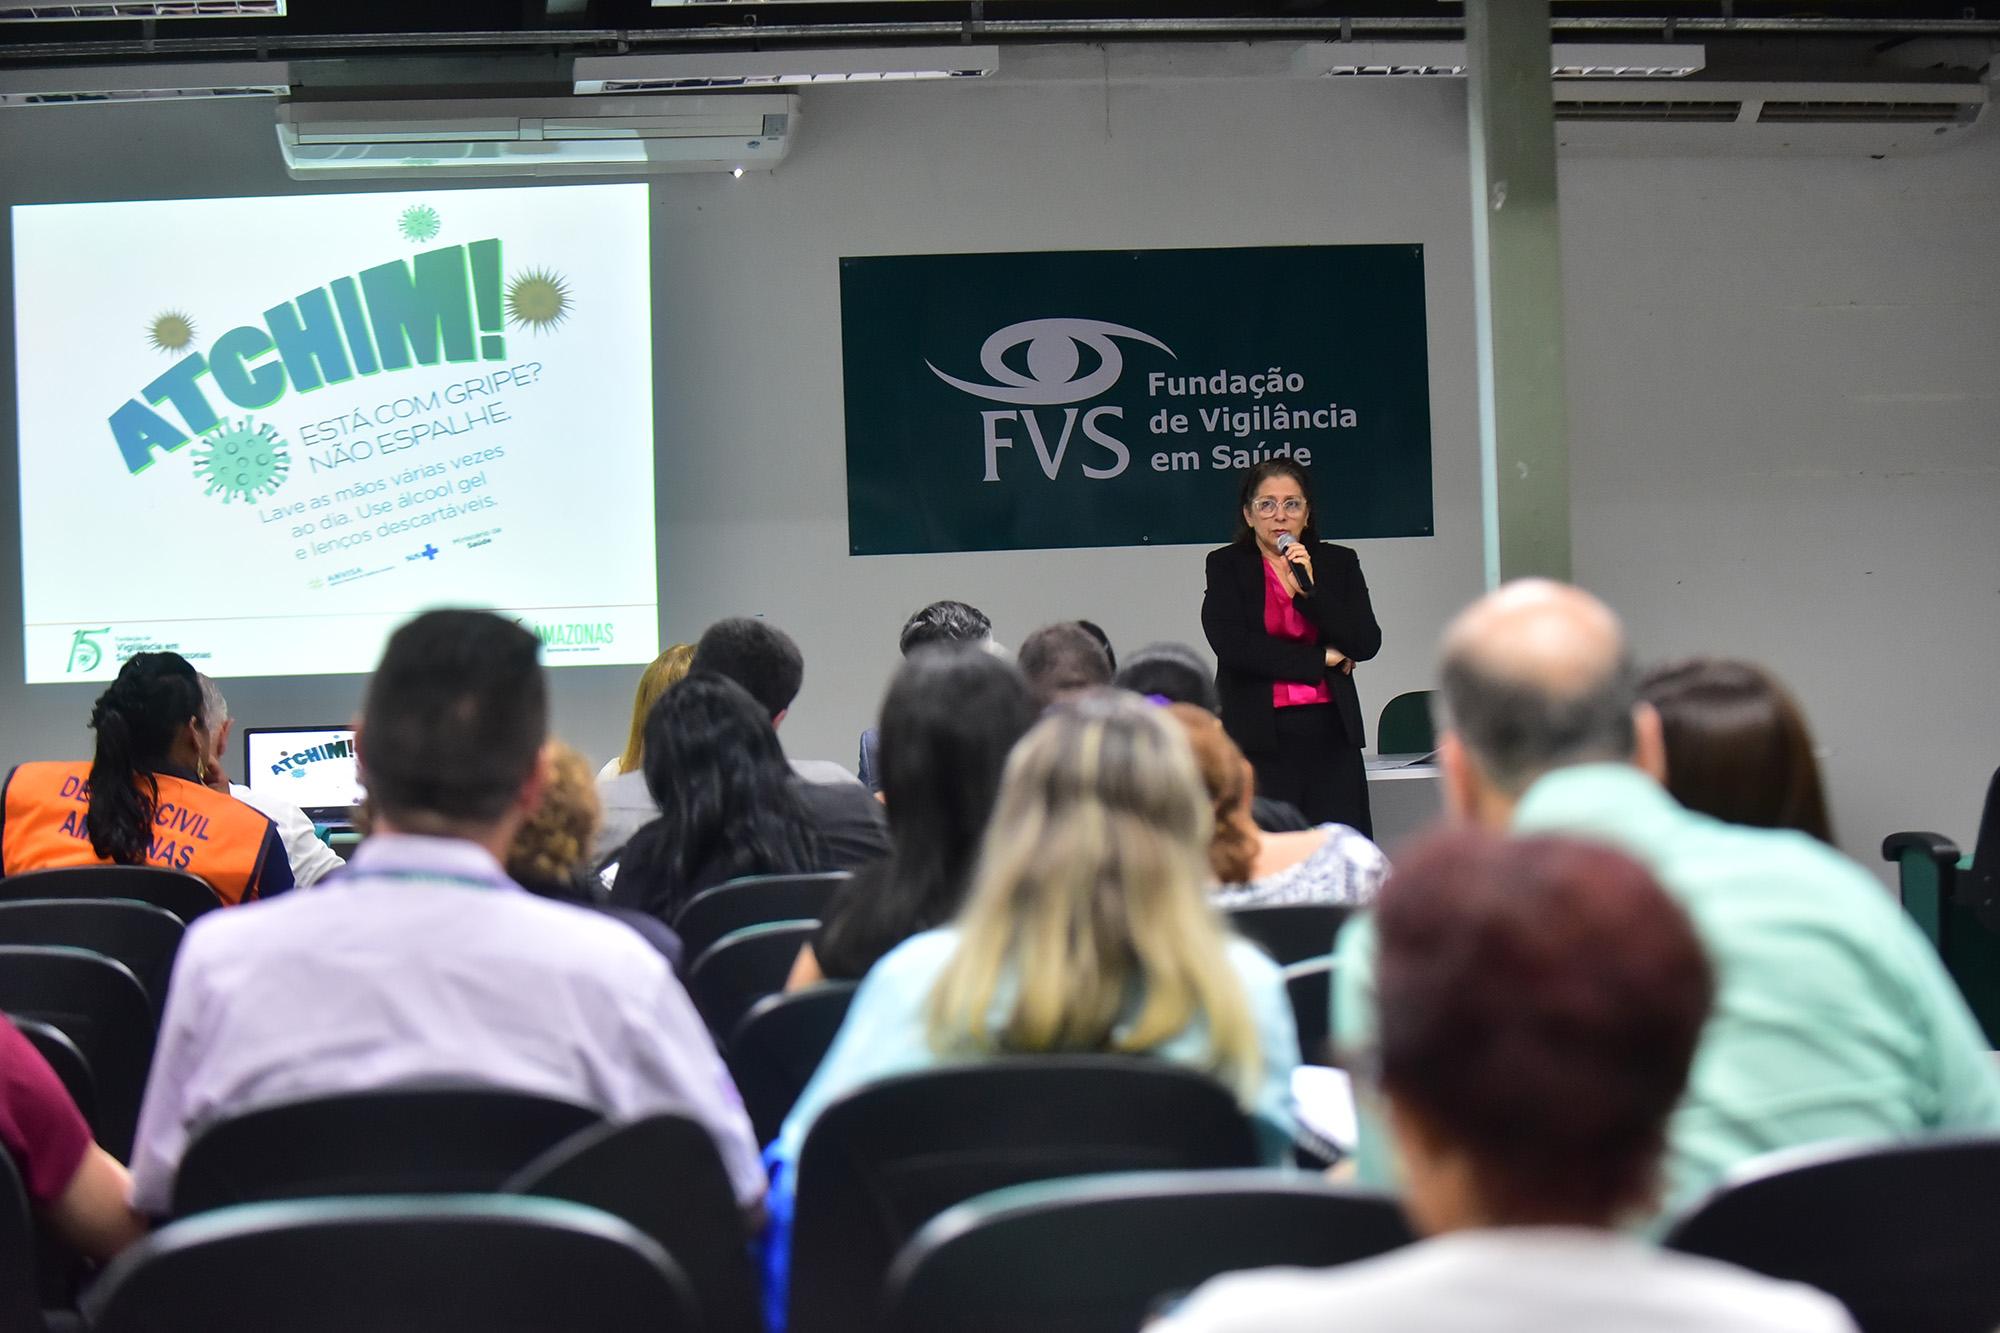 Susam reforça que Amazonas não tem casos suspeitos ou confirmados do novo coronavírus / Foto Tácio Melo / SECOM